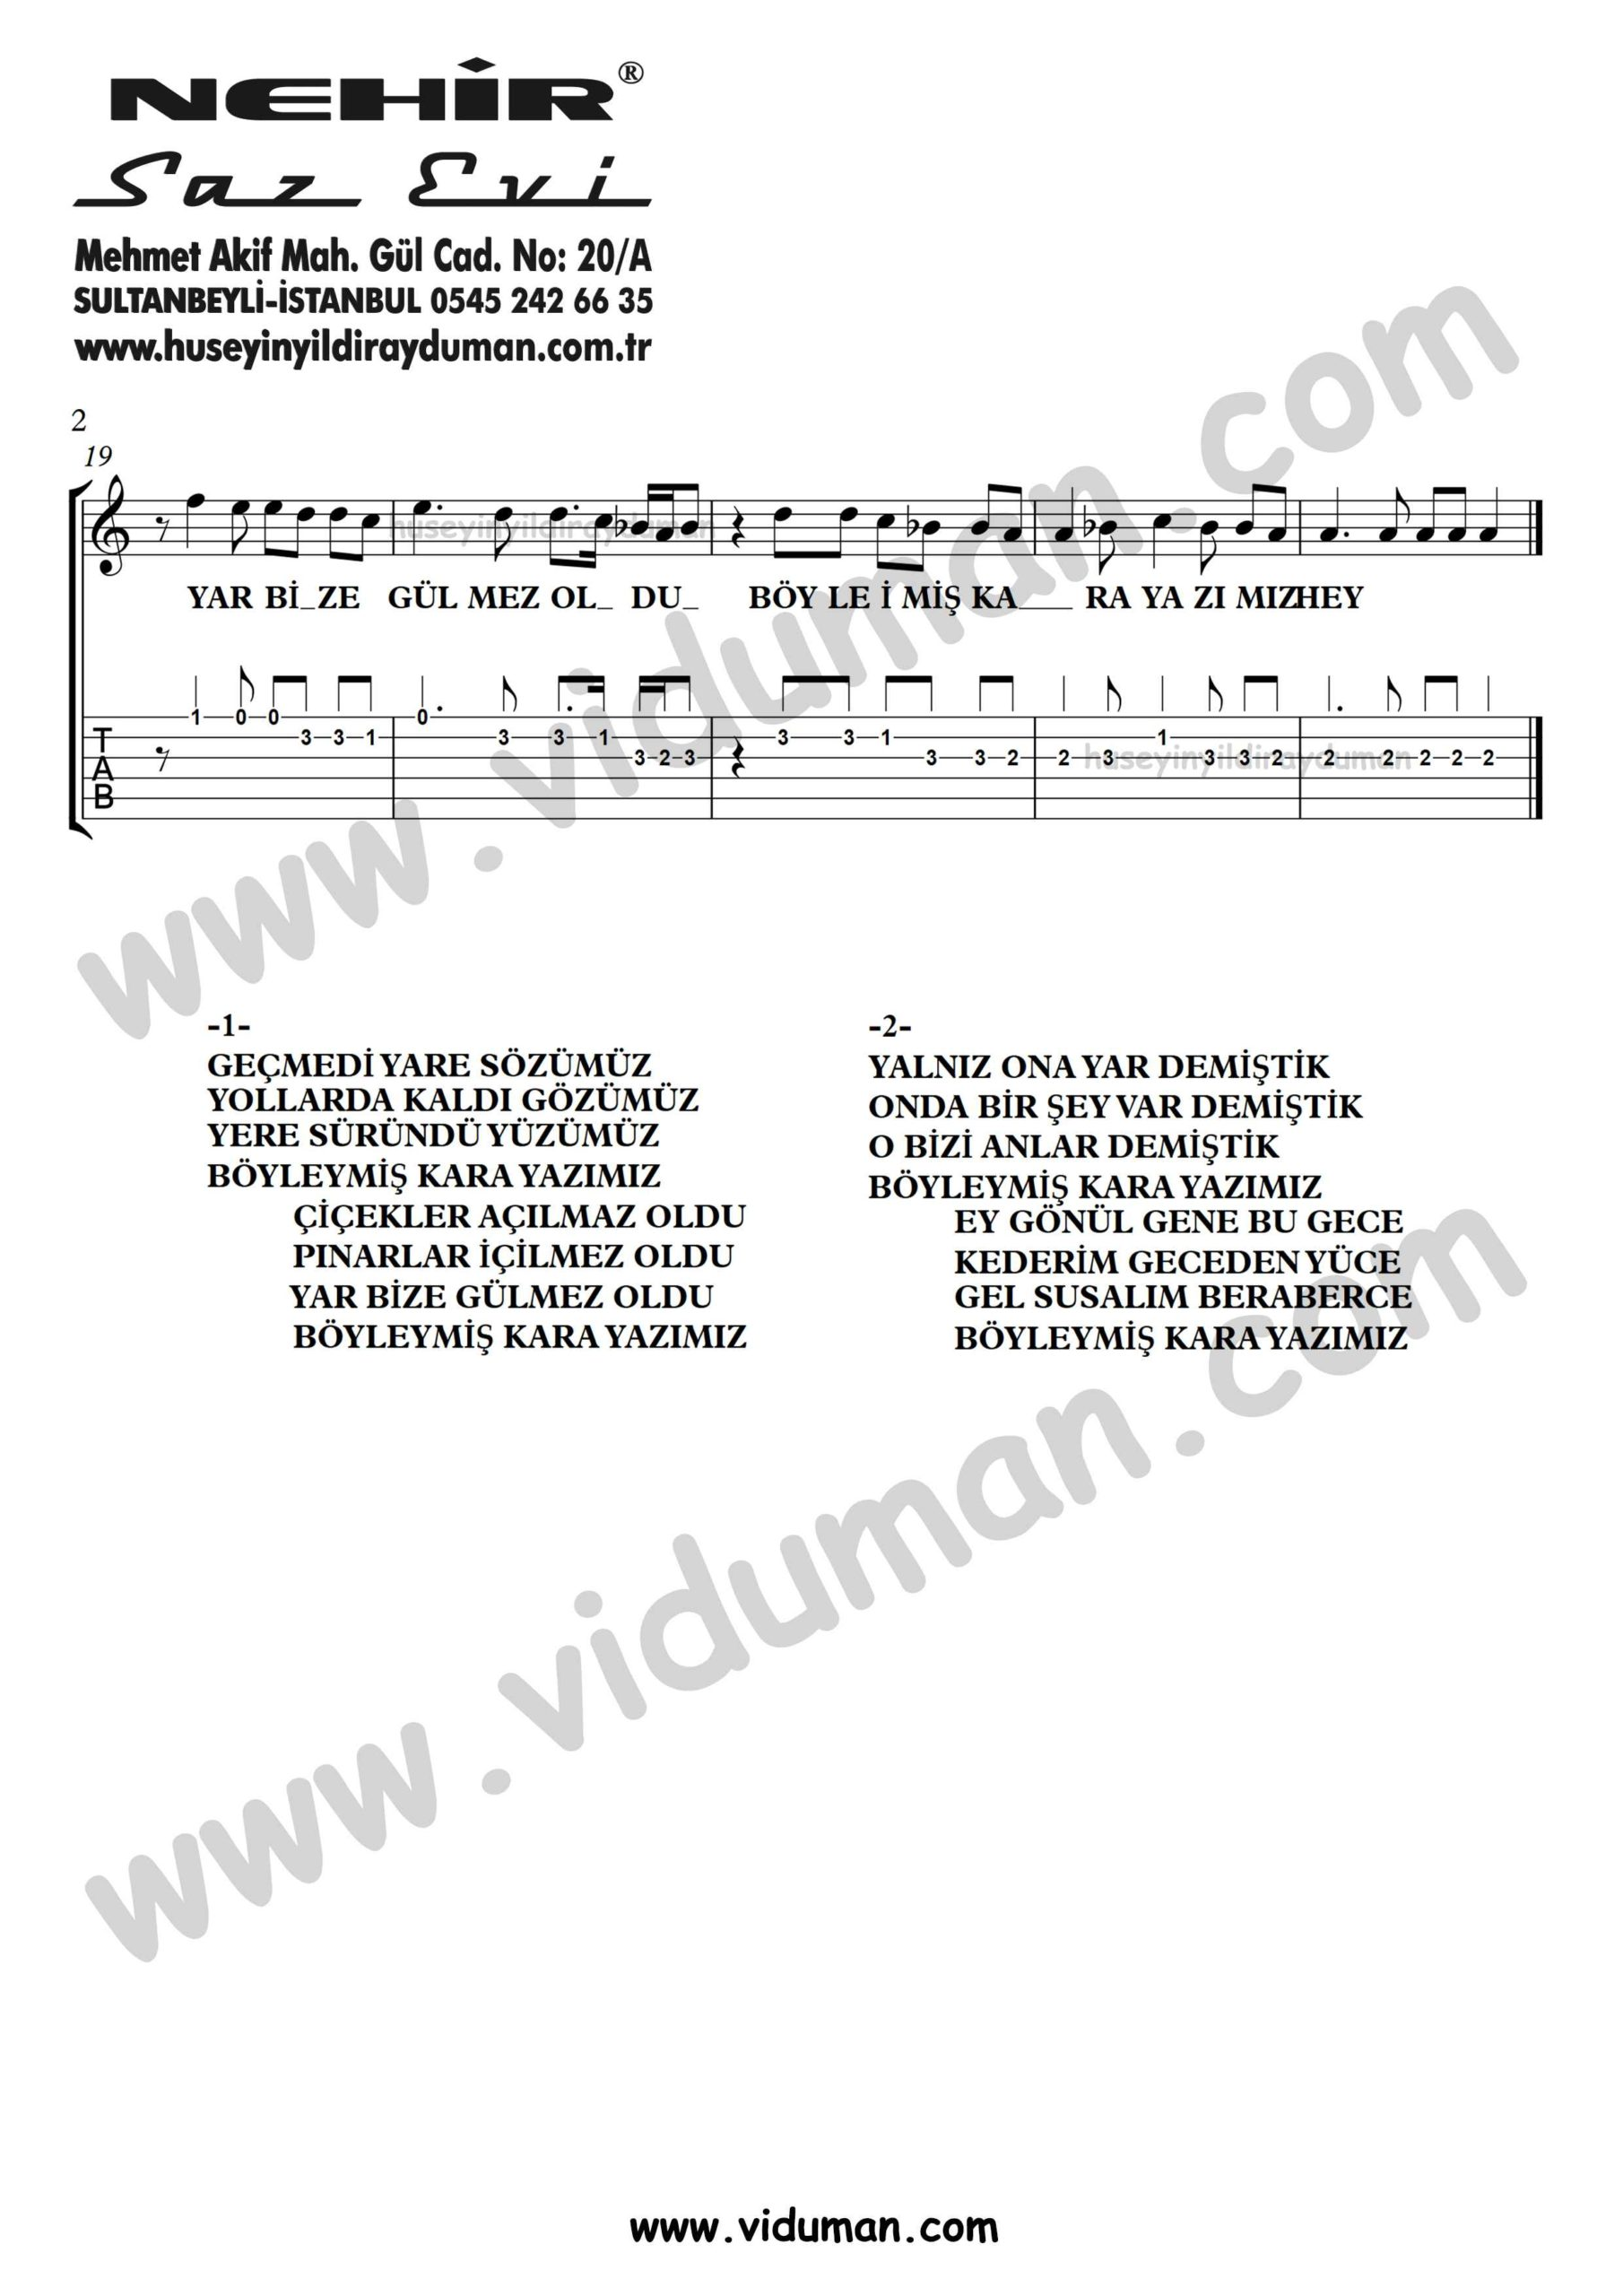 Boyleymis Kara Yazimiz_2-Ahmet Kaya-Gitar Tab-Solo Notalari